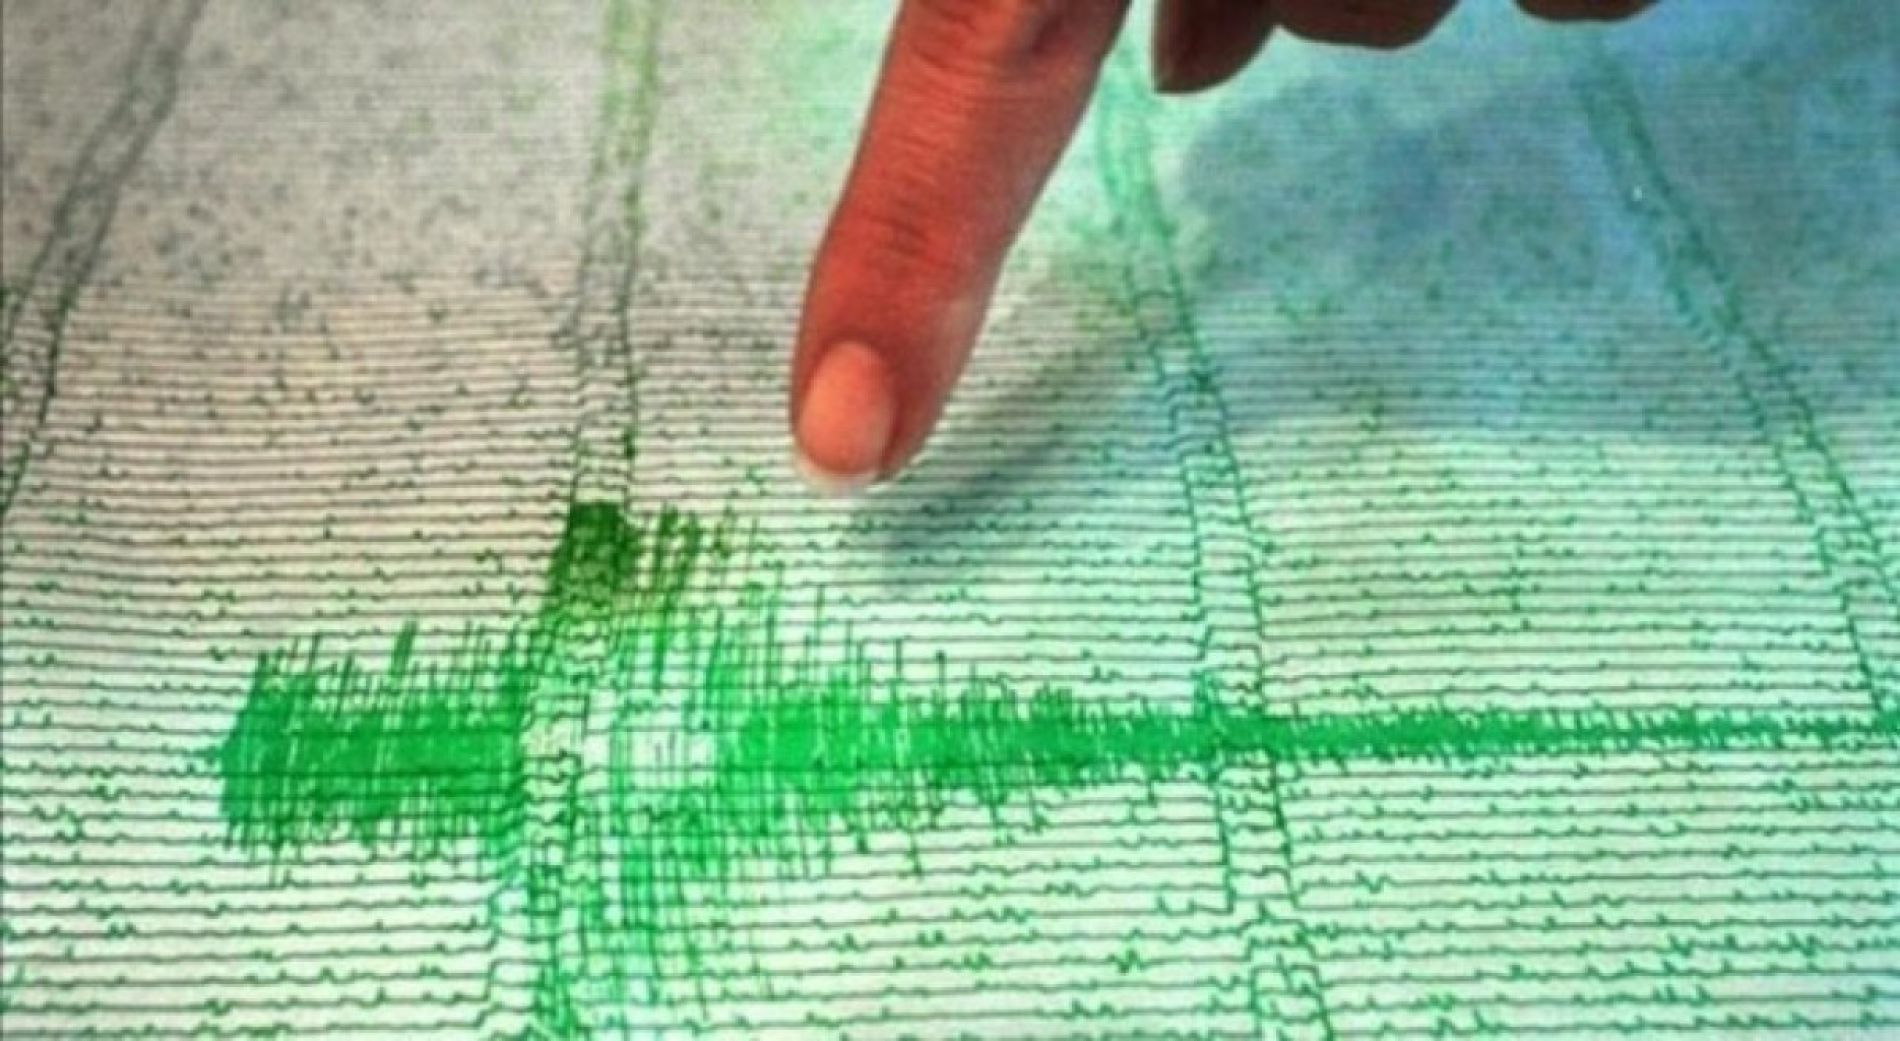 Слабое землетресени под Бургасом